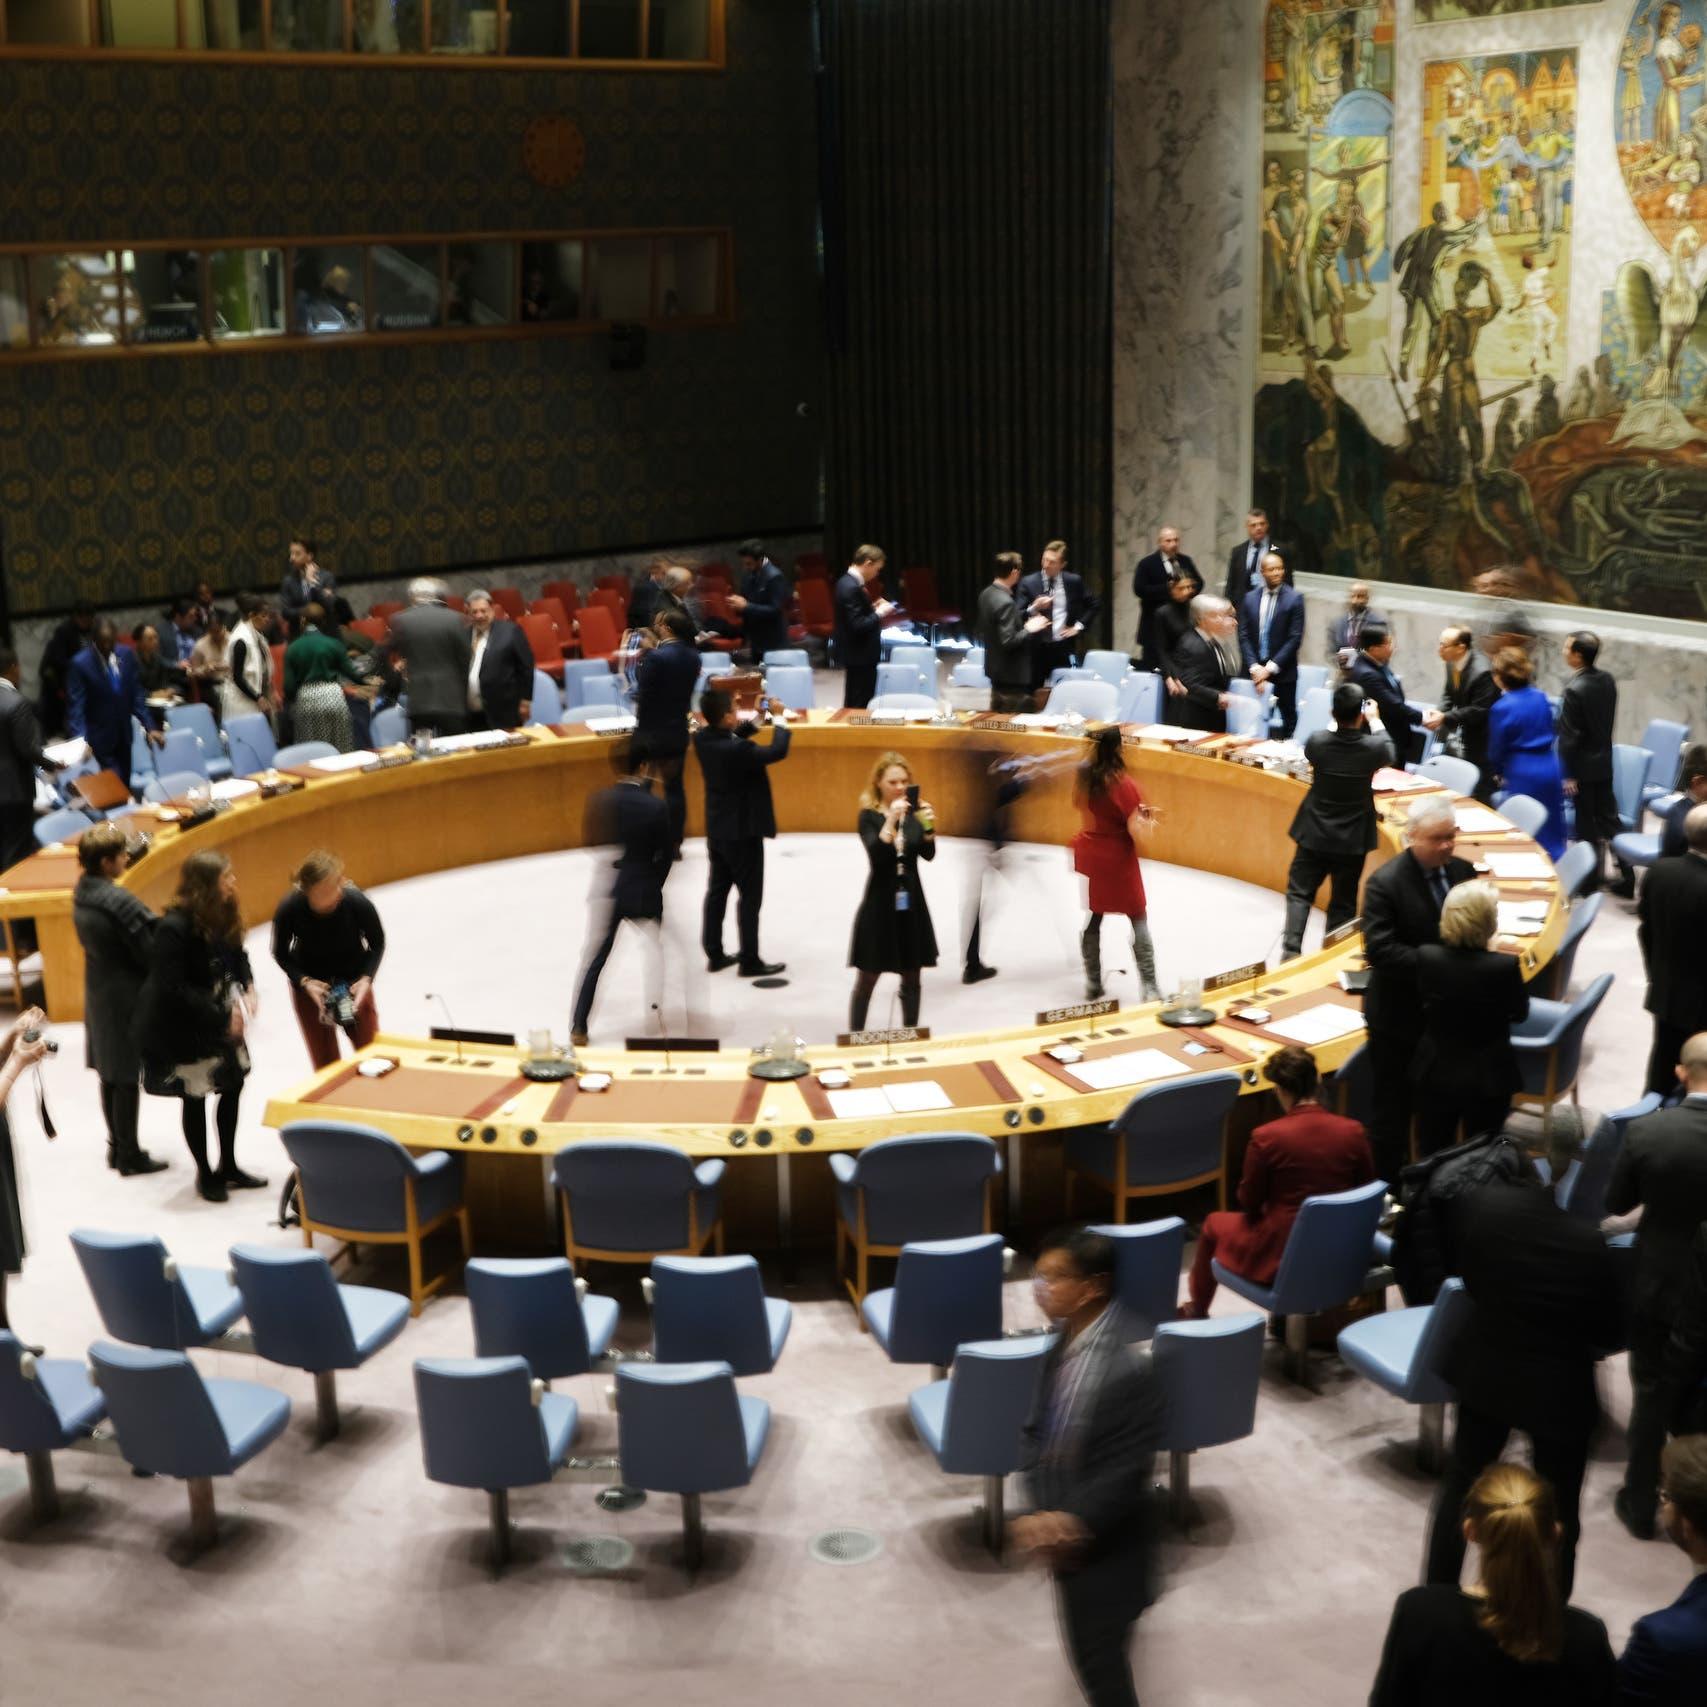 لندن تعمل على قرار أممي حول ليبيا.. وبرلين تهدد بالعقوبات